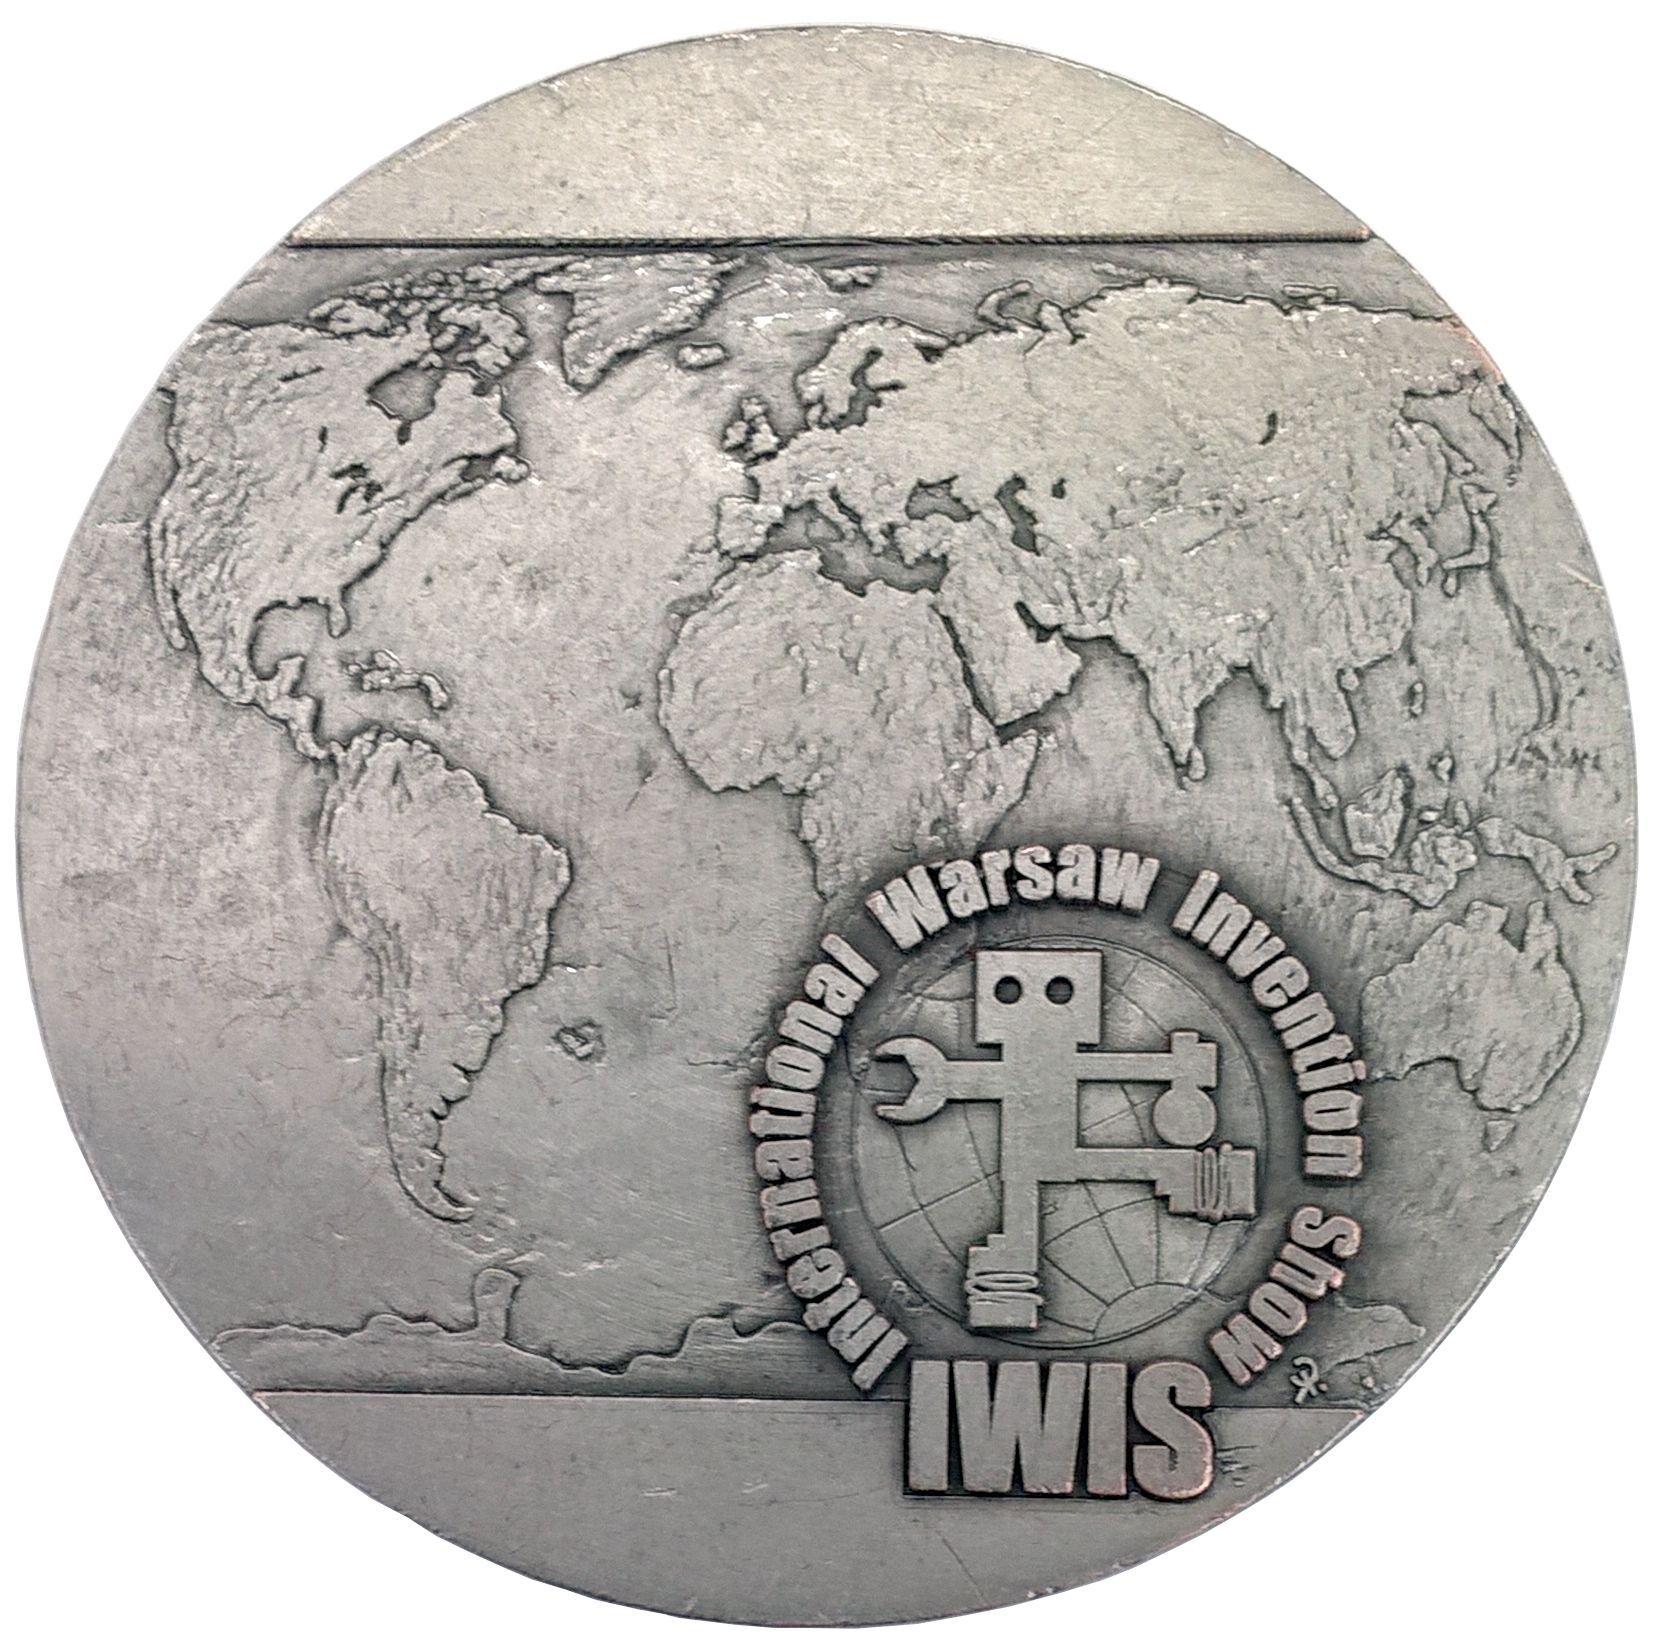 IWIS 2017 R